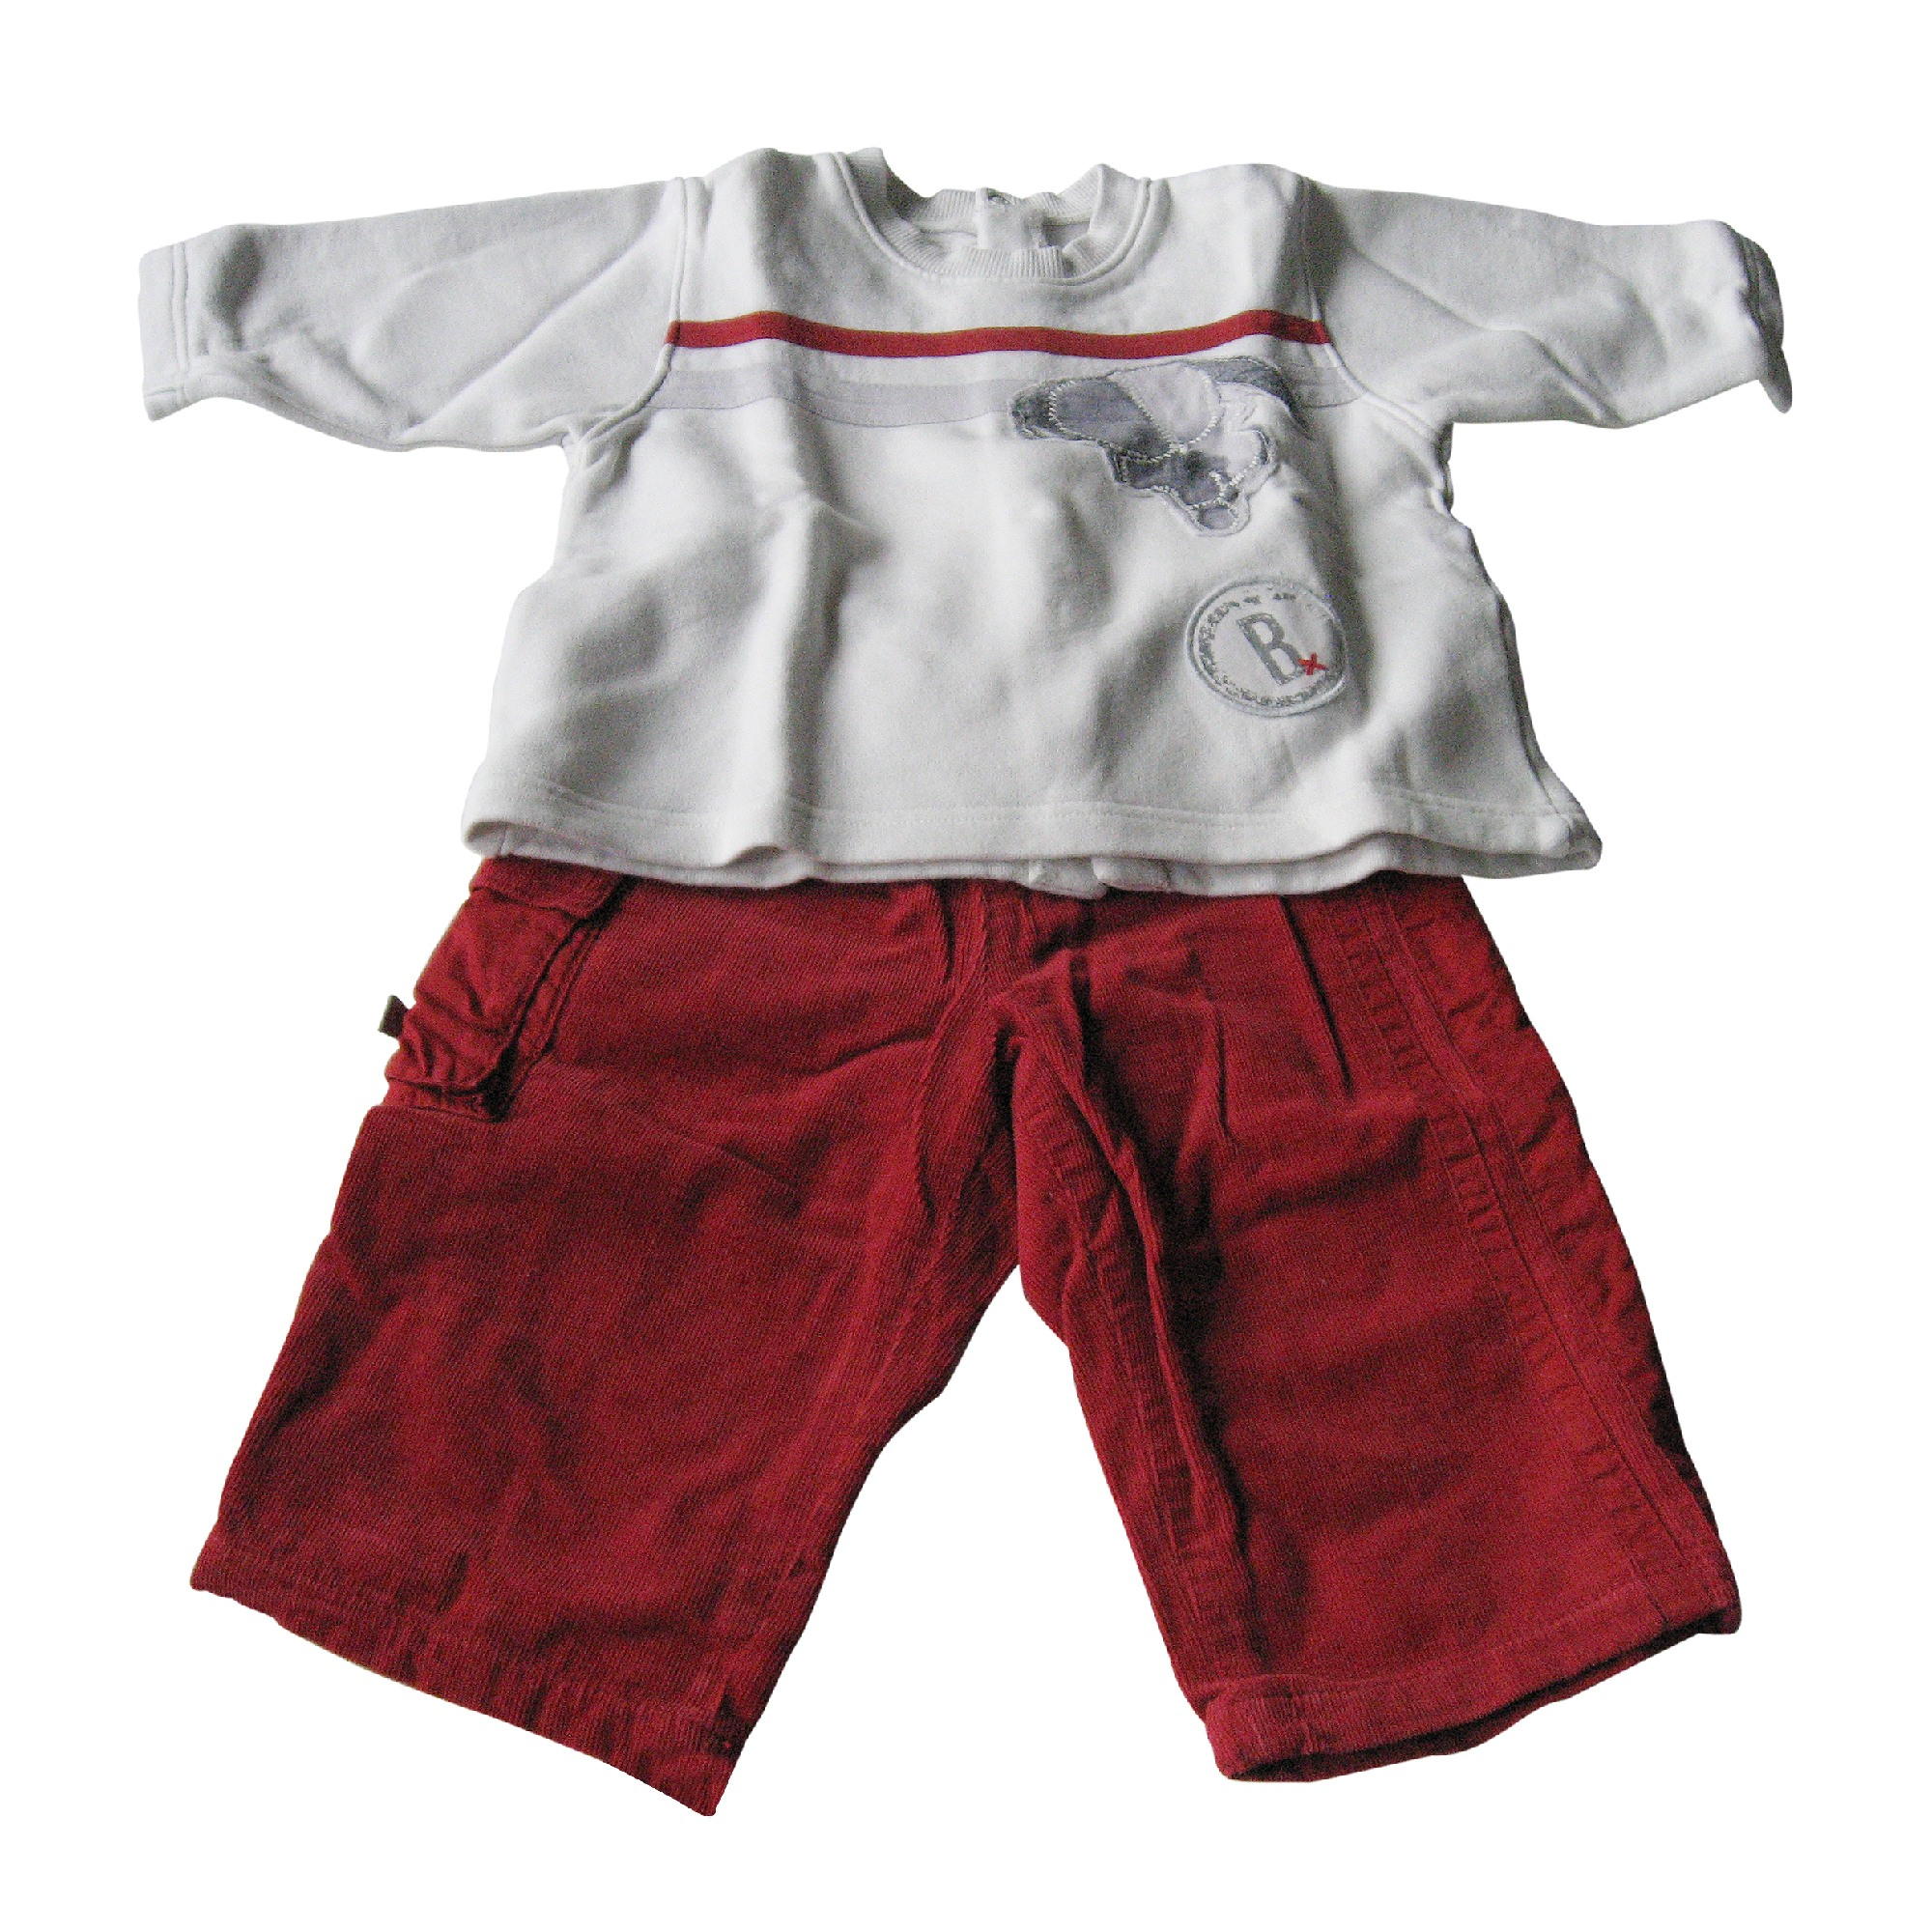 Ensemble & Combinaison pantalon JEAN BOURGET Rouge, bordeaux